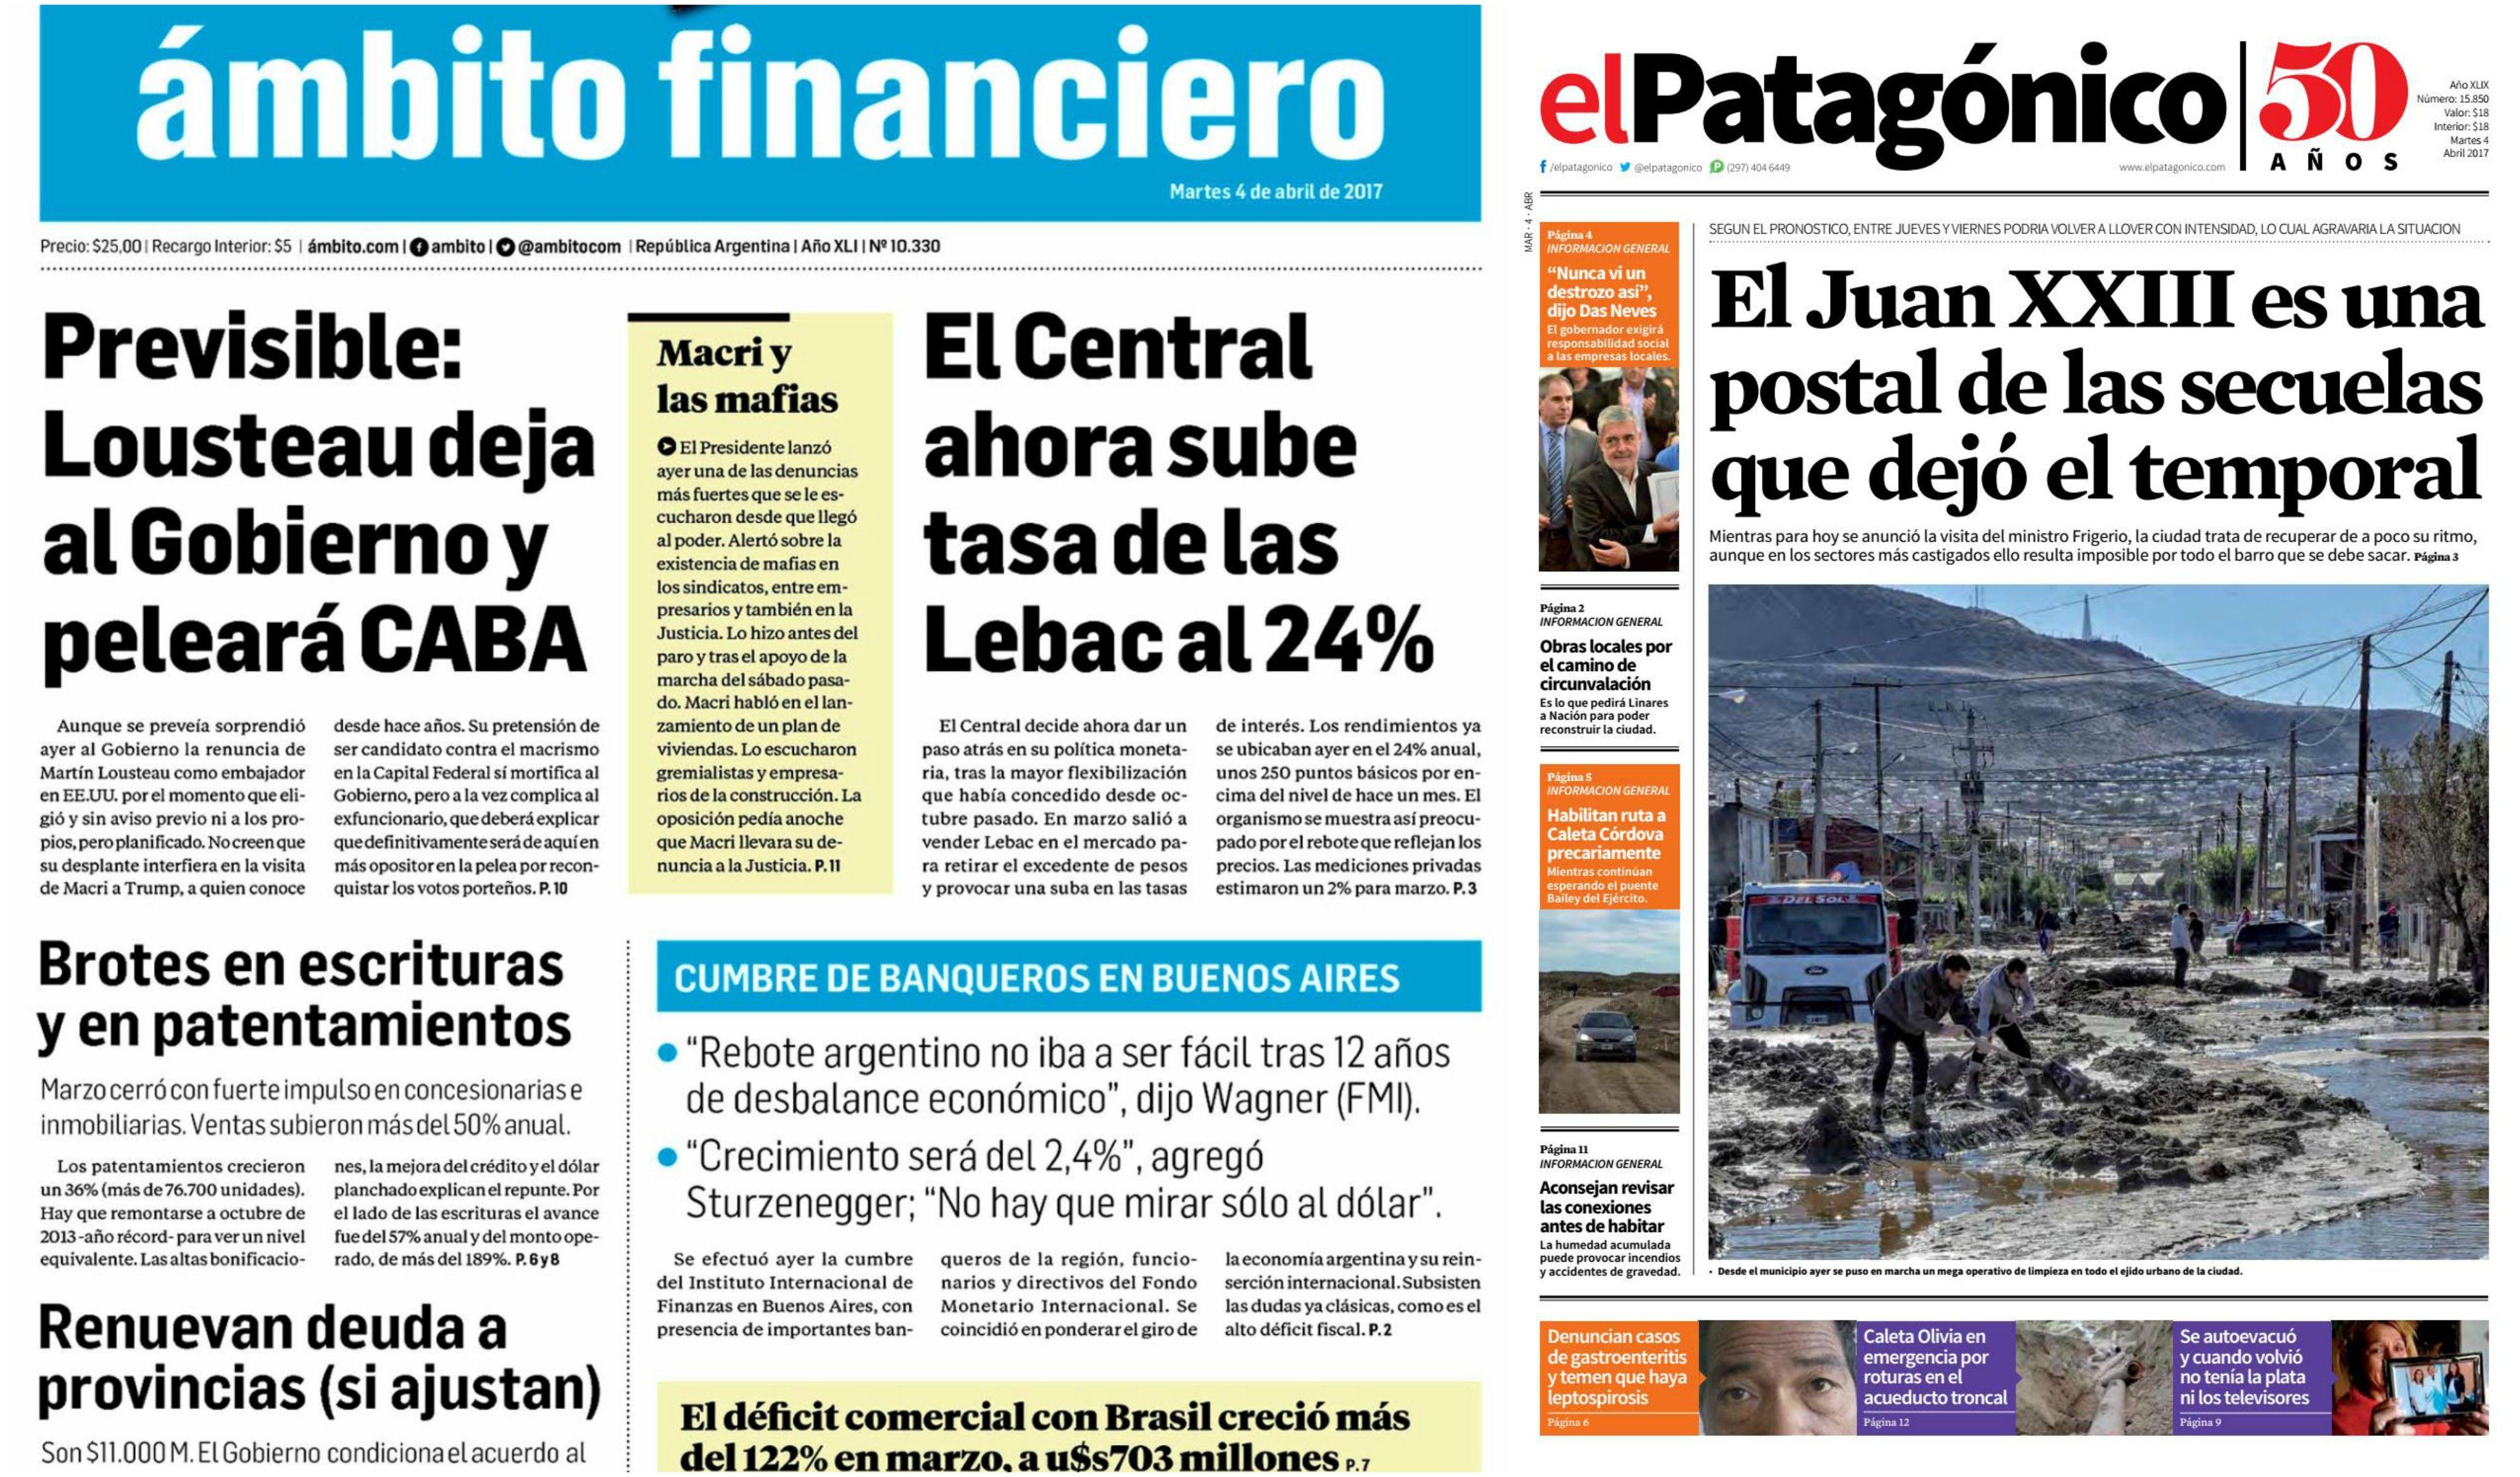 Tapas de diario del martes 4 de abril de 2017